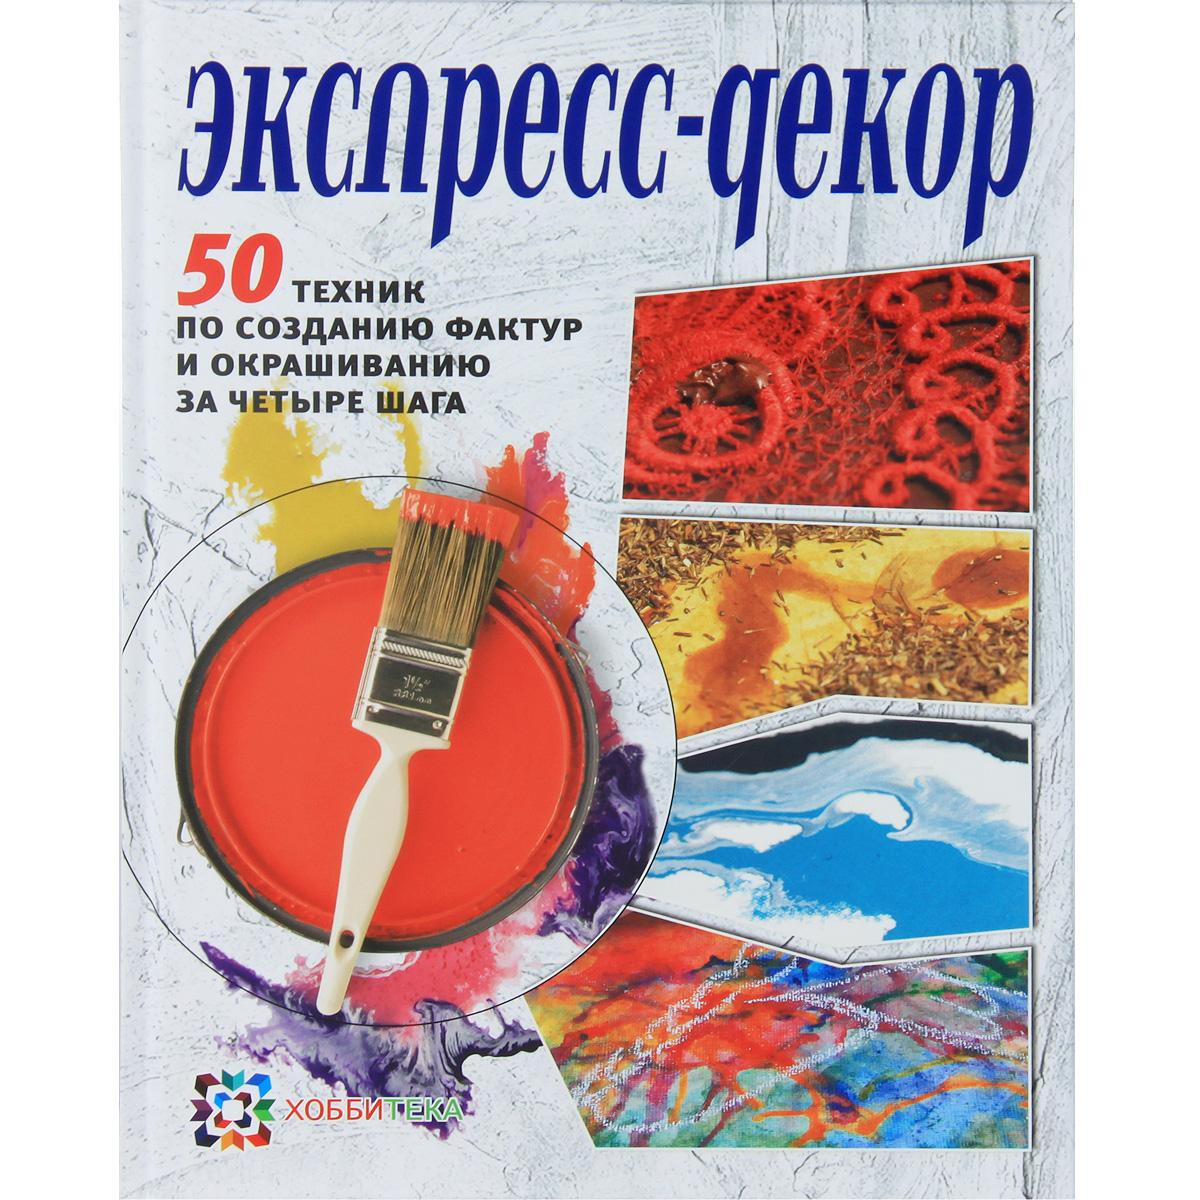 Zakazat.ru: Экспресс-декор. 50 техник по созданию фактур и окрашиванию за четыре шага. Э. Франк, М. Дэй-Уайльд